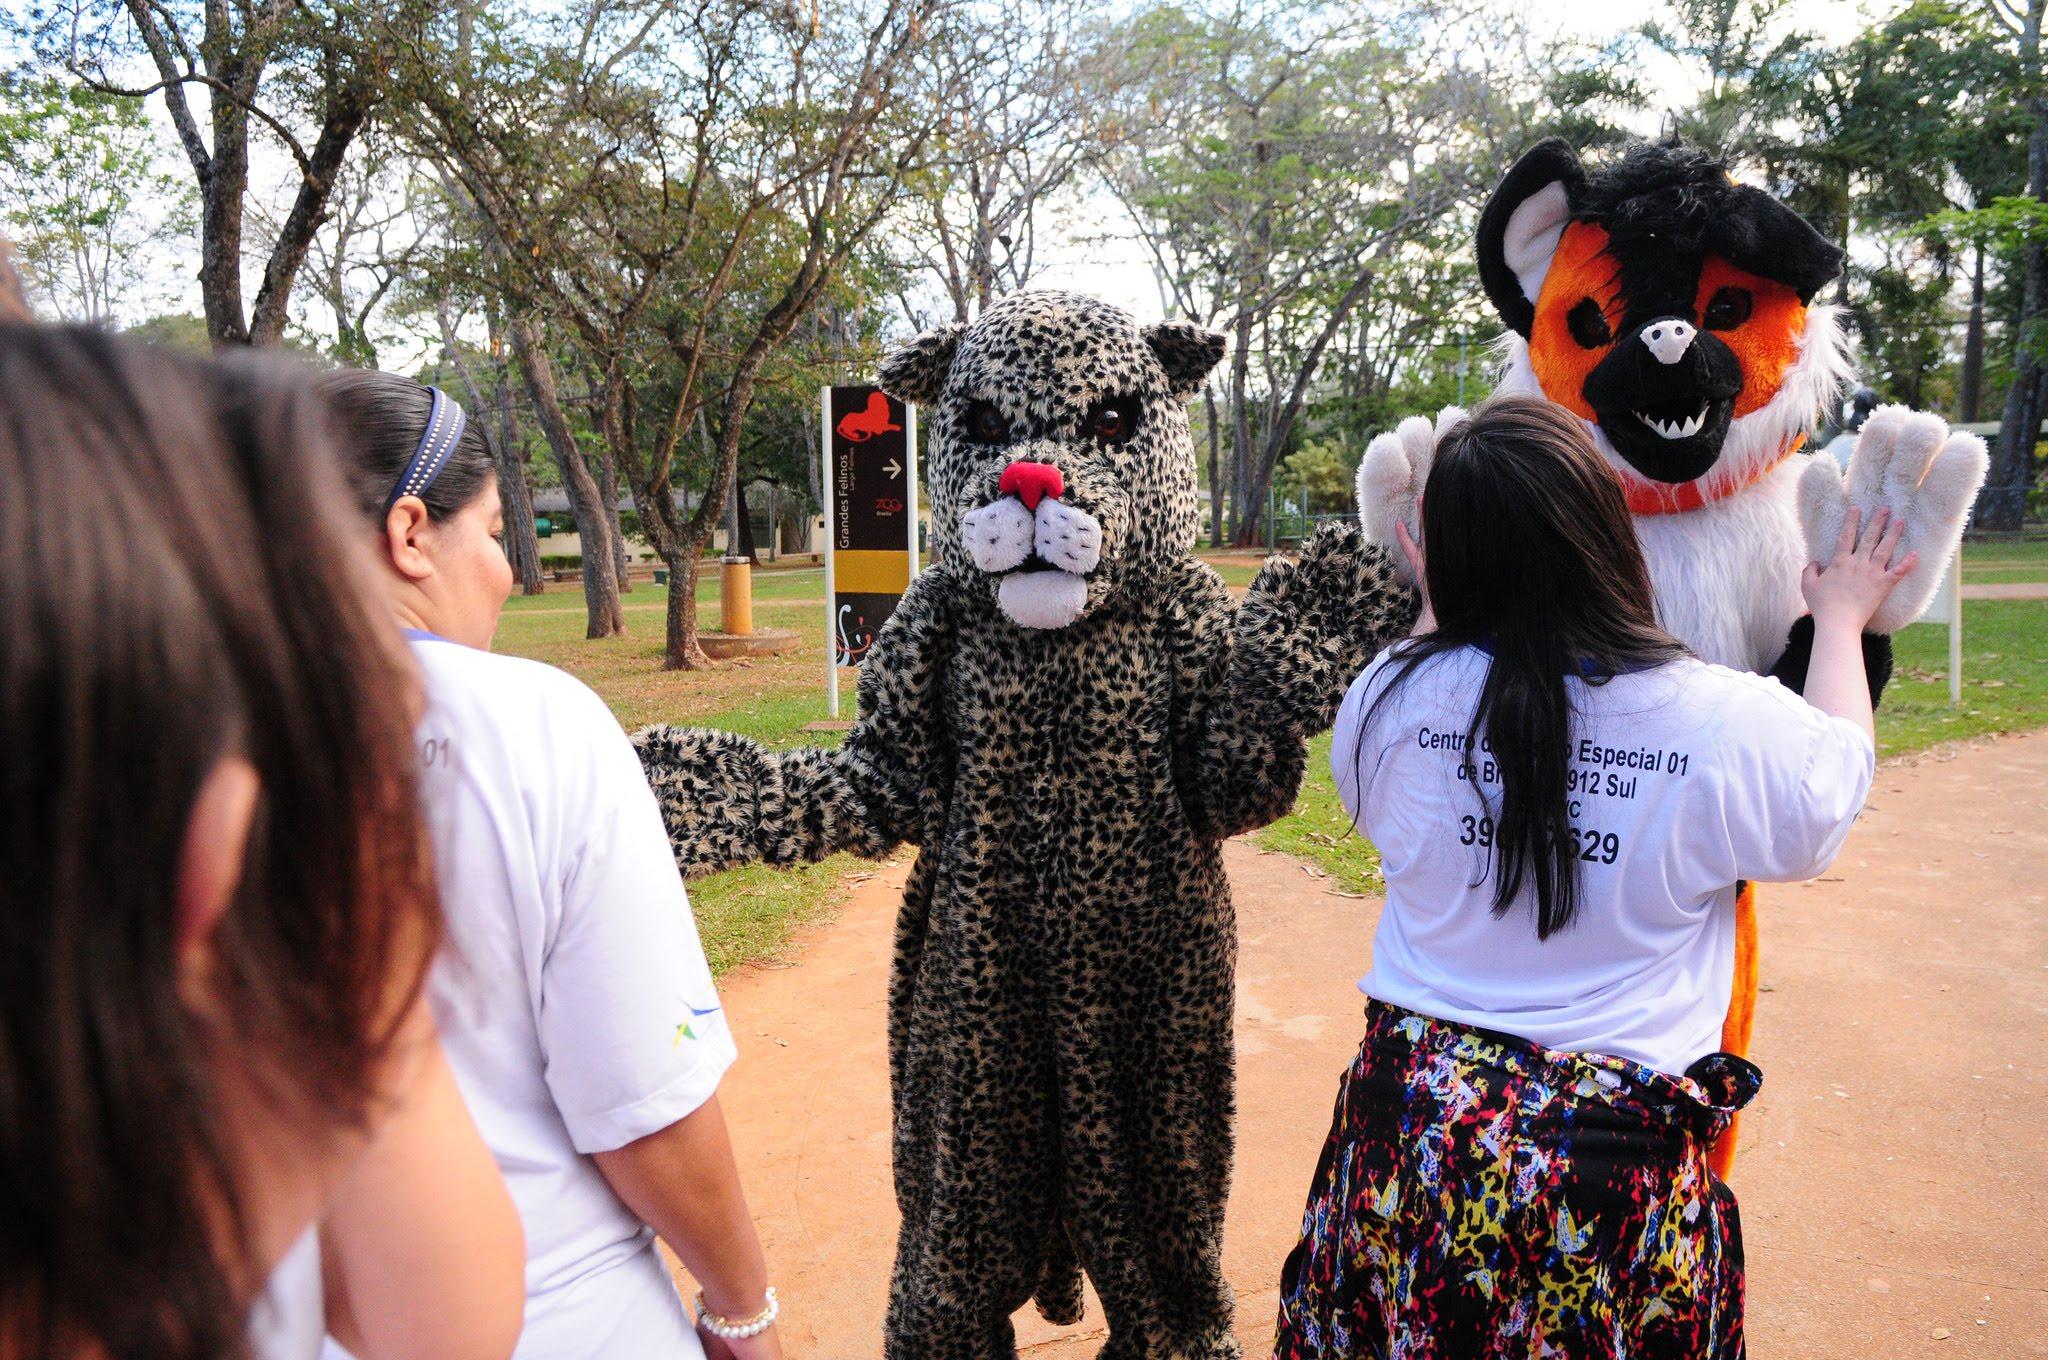 Realizada, em 2016, a reformulação do projeto Zoo com Vivência que visa proporcionar às pessoas idosas um contato mais próximo com a natureza, aliado à prática de atividades físicas e recreativas. Foram realizados 776 atendimentos nos anos de 2016 e 2017.